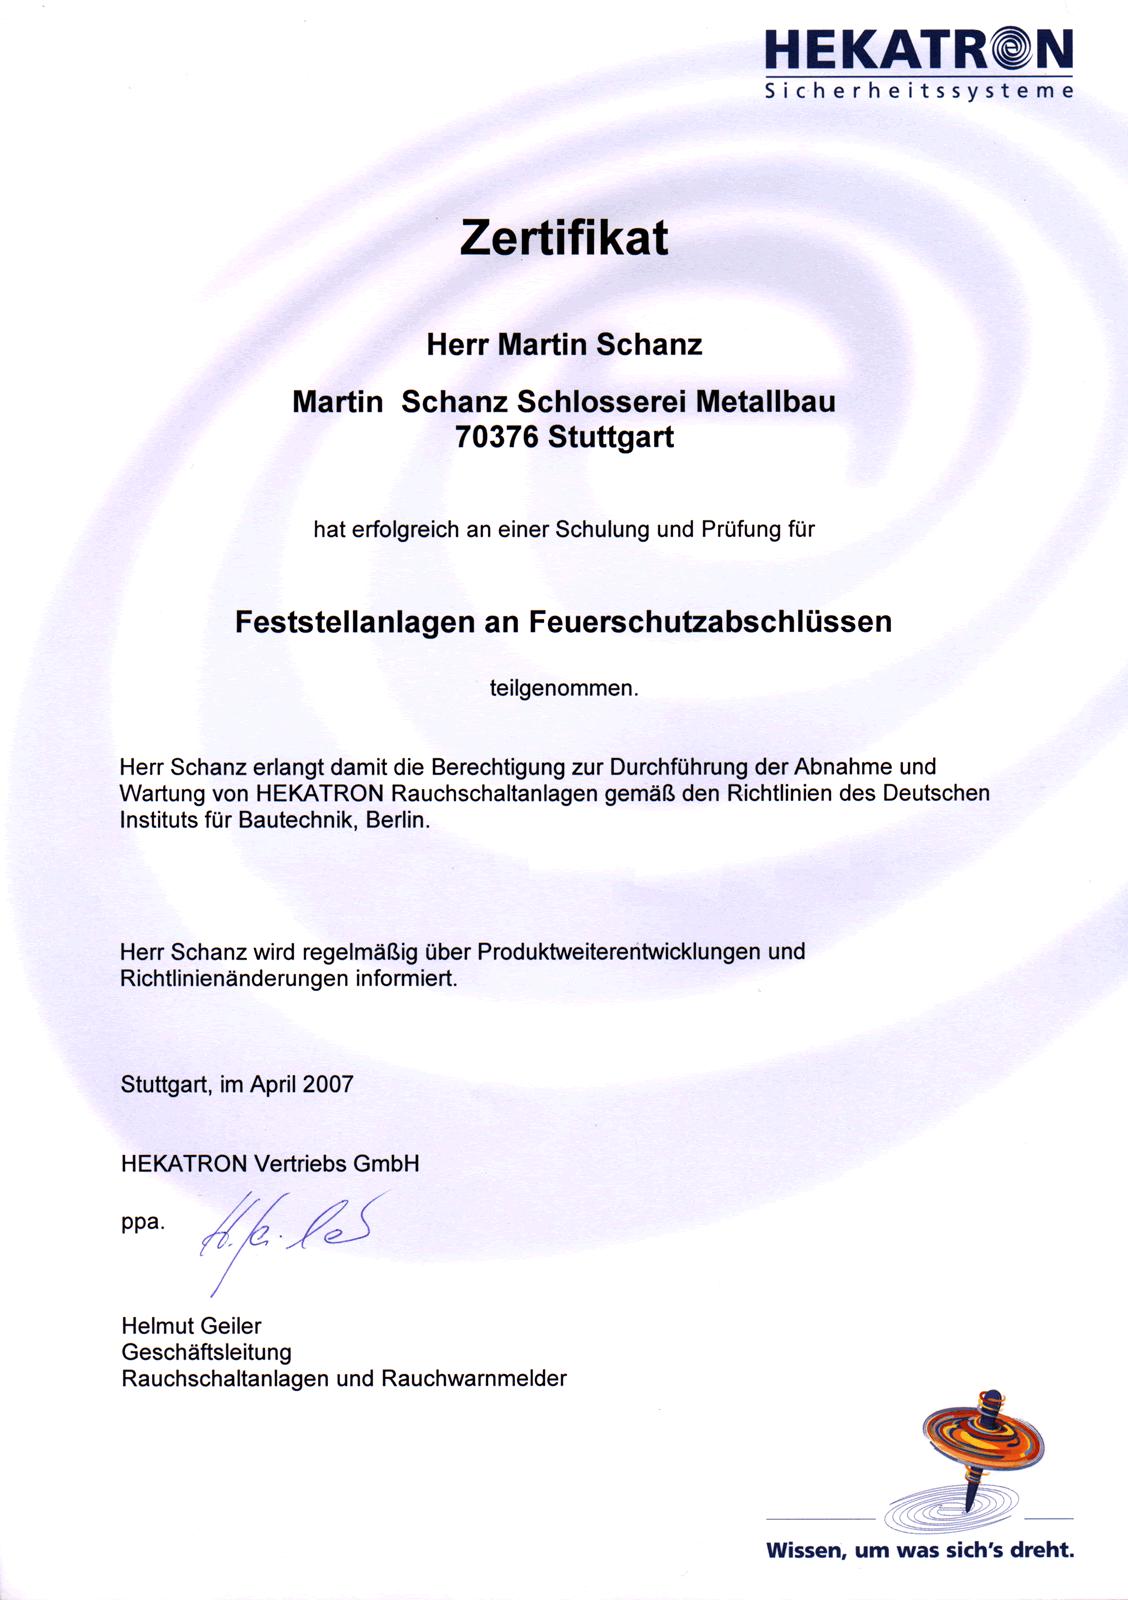 Zertifikat Feststellanlagen an Feuerschutzabschlüssen